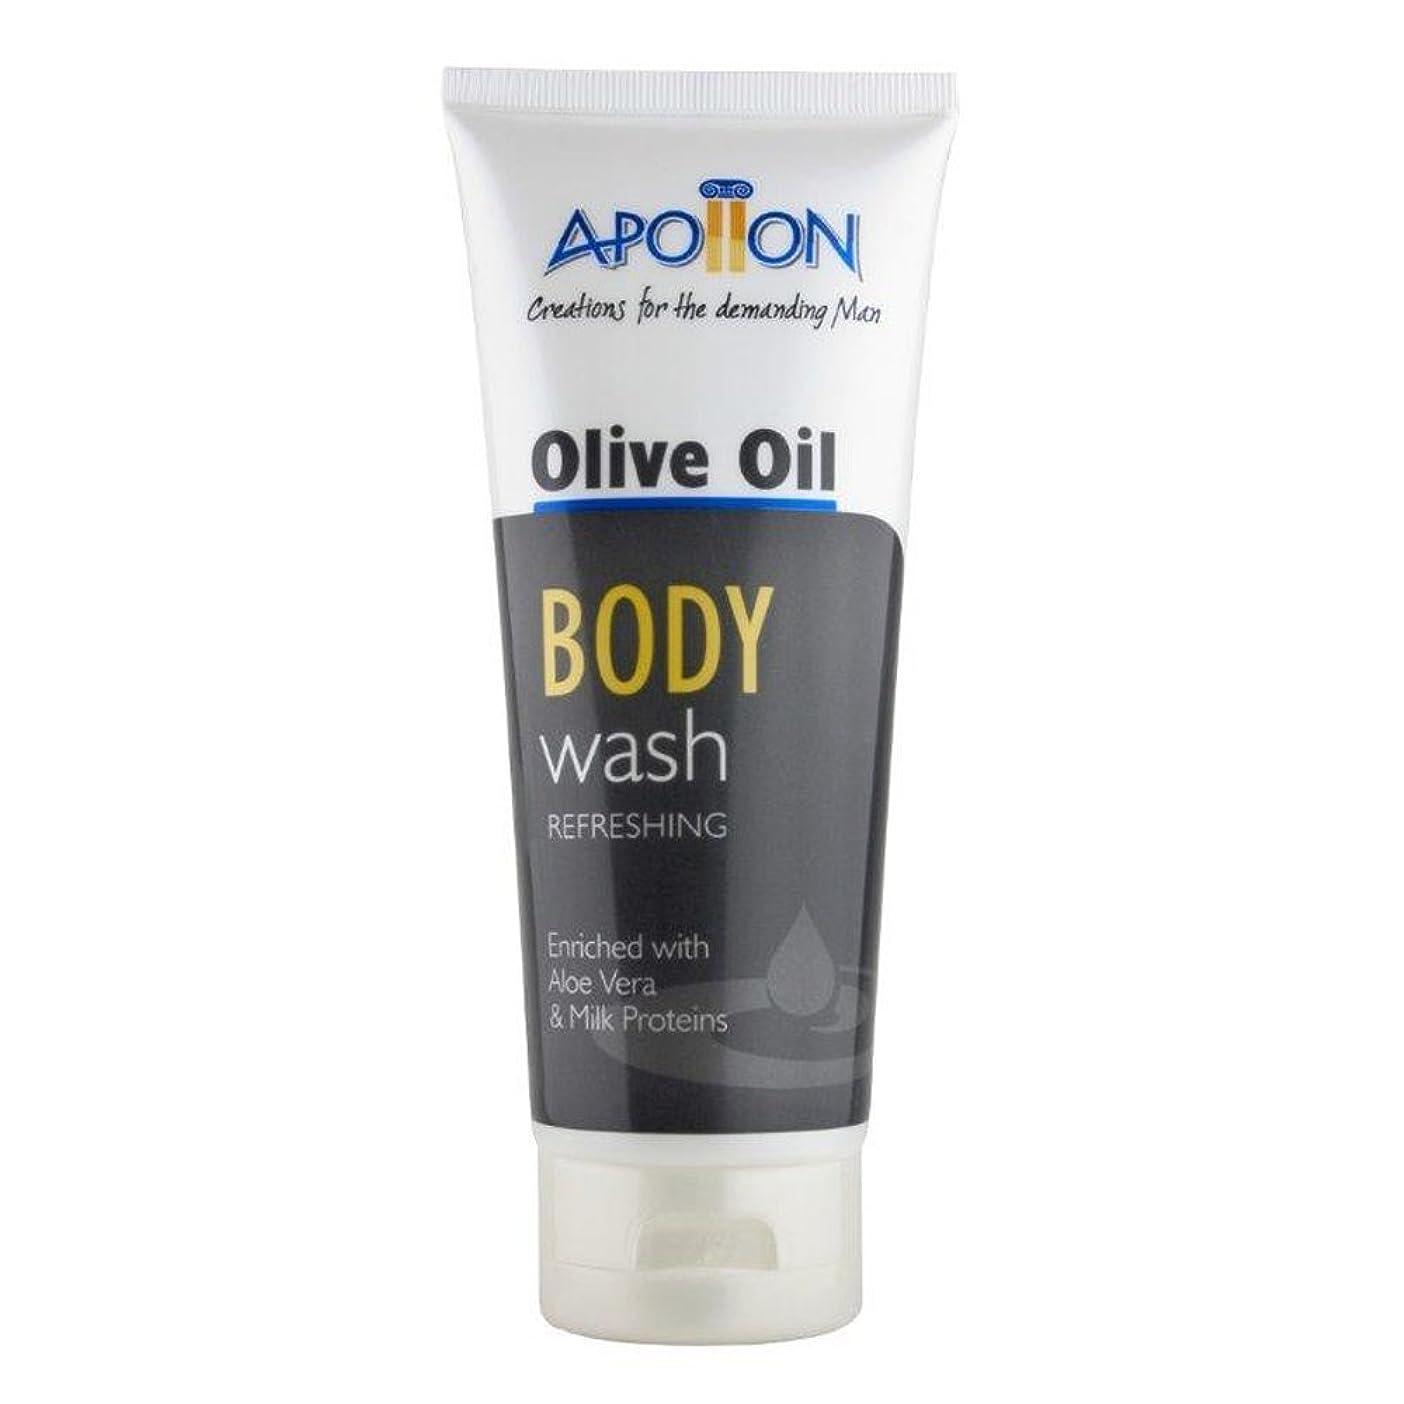 精緻化ハイブリッド文献Aphrodite Apollon Olive Oil Body Wash for Men 200ml [Misc.] / ???200????????????????????????????????????[ Misc. ]